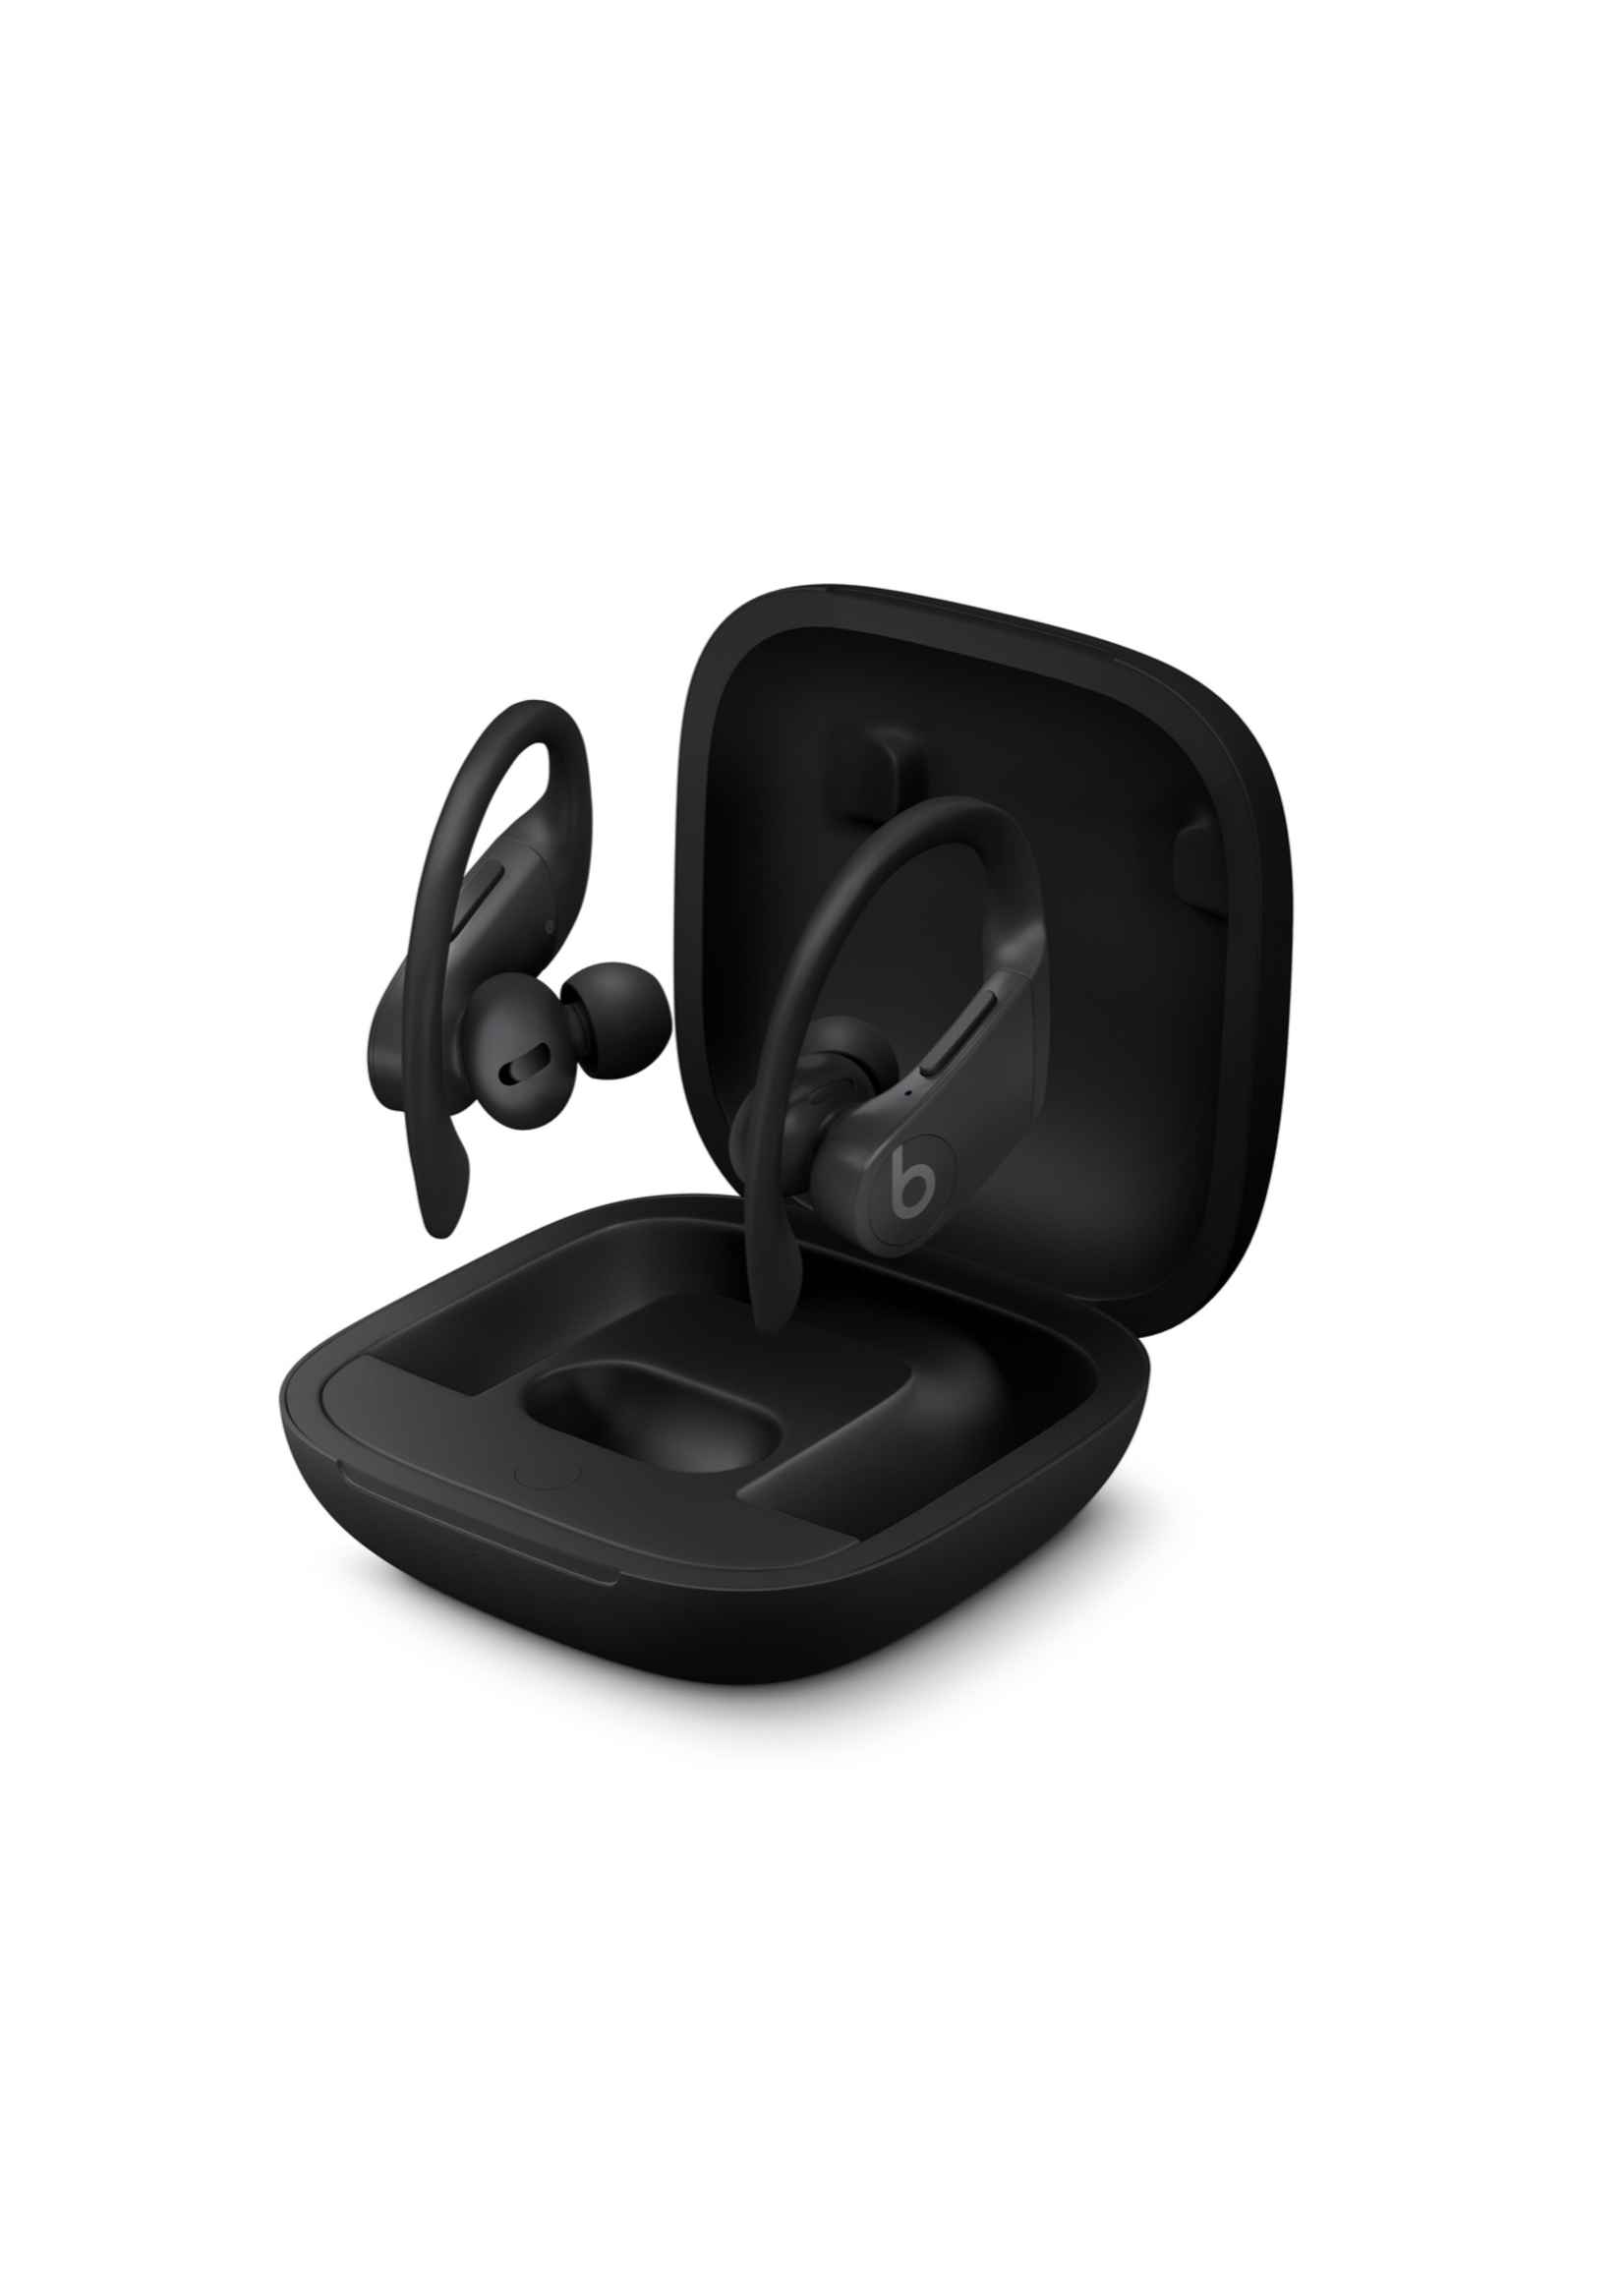 Apple Powerbeats Pro Totally Wireless Earphones Black